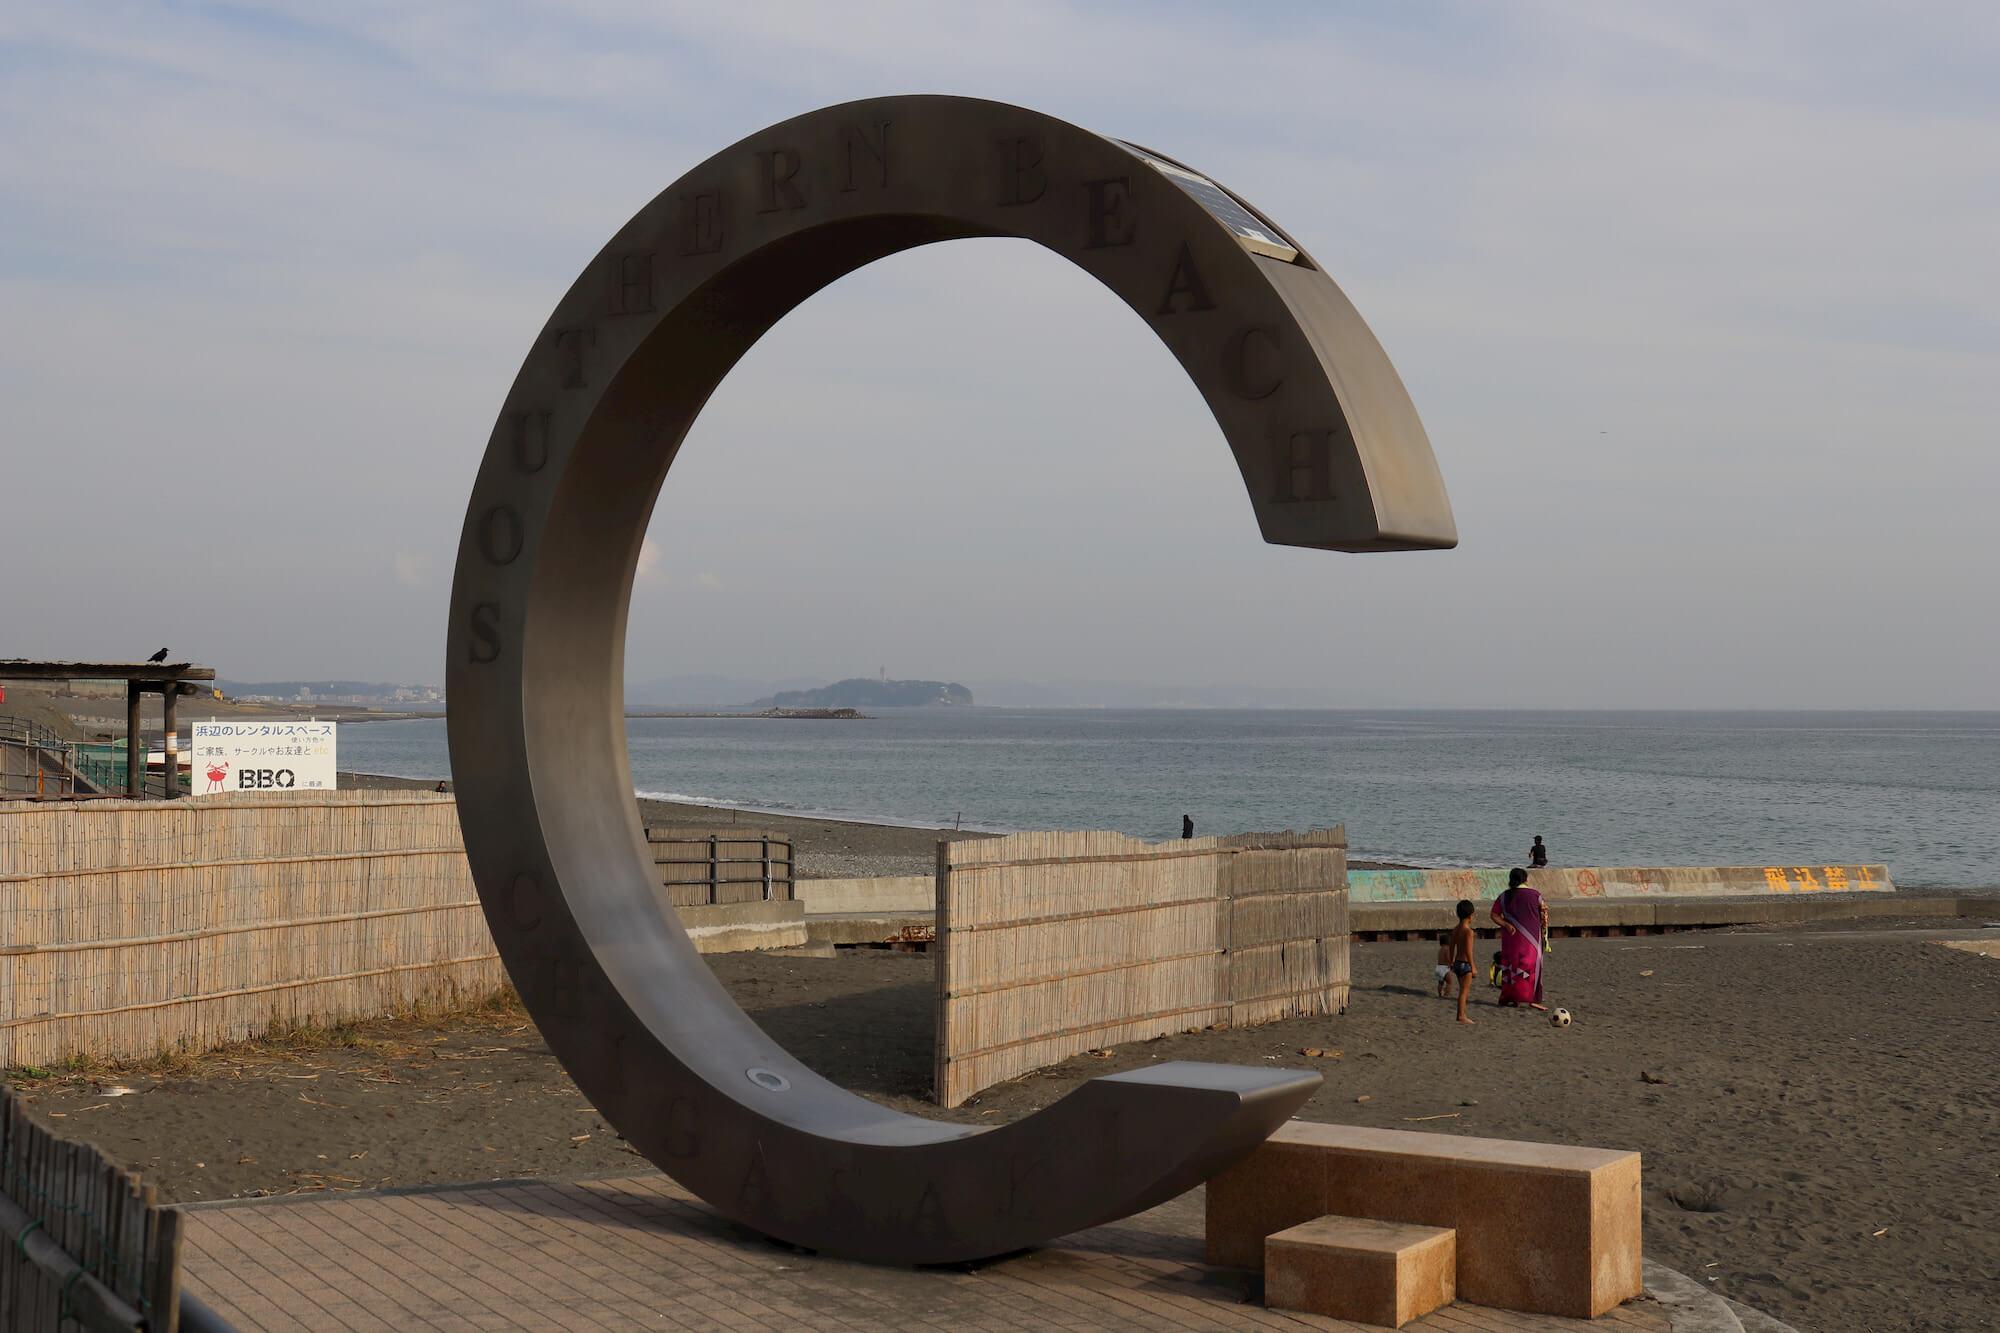 サザンビーチ茅ヶ崎のモニュメントと江の島